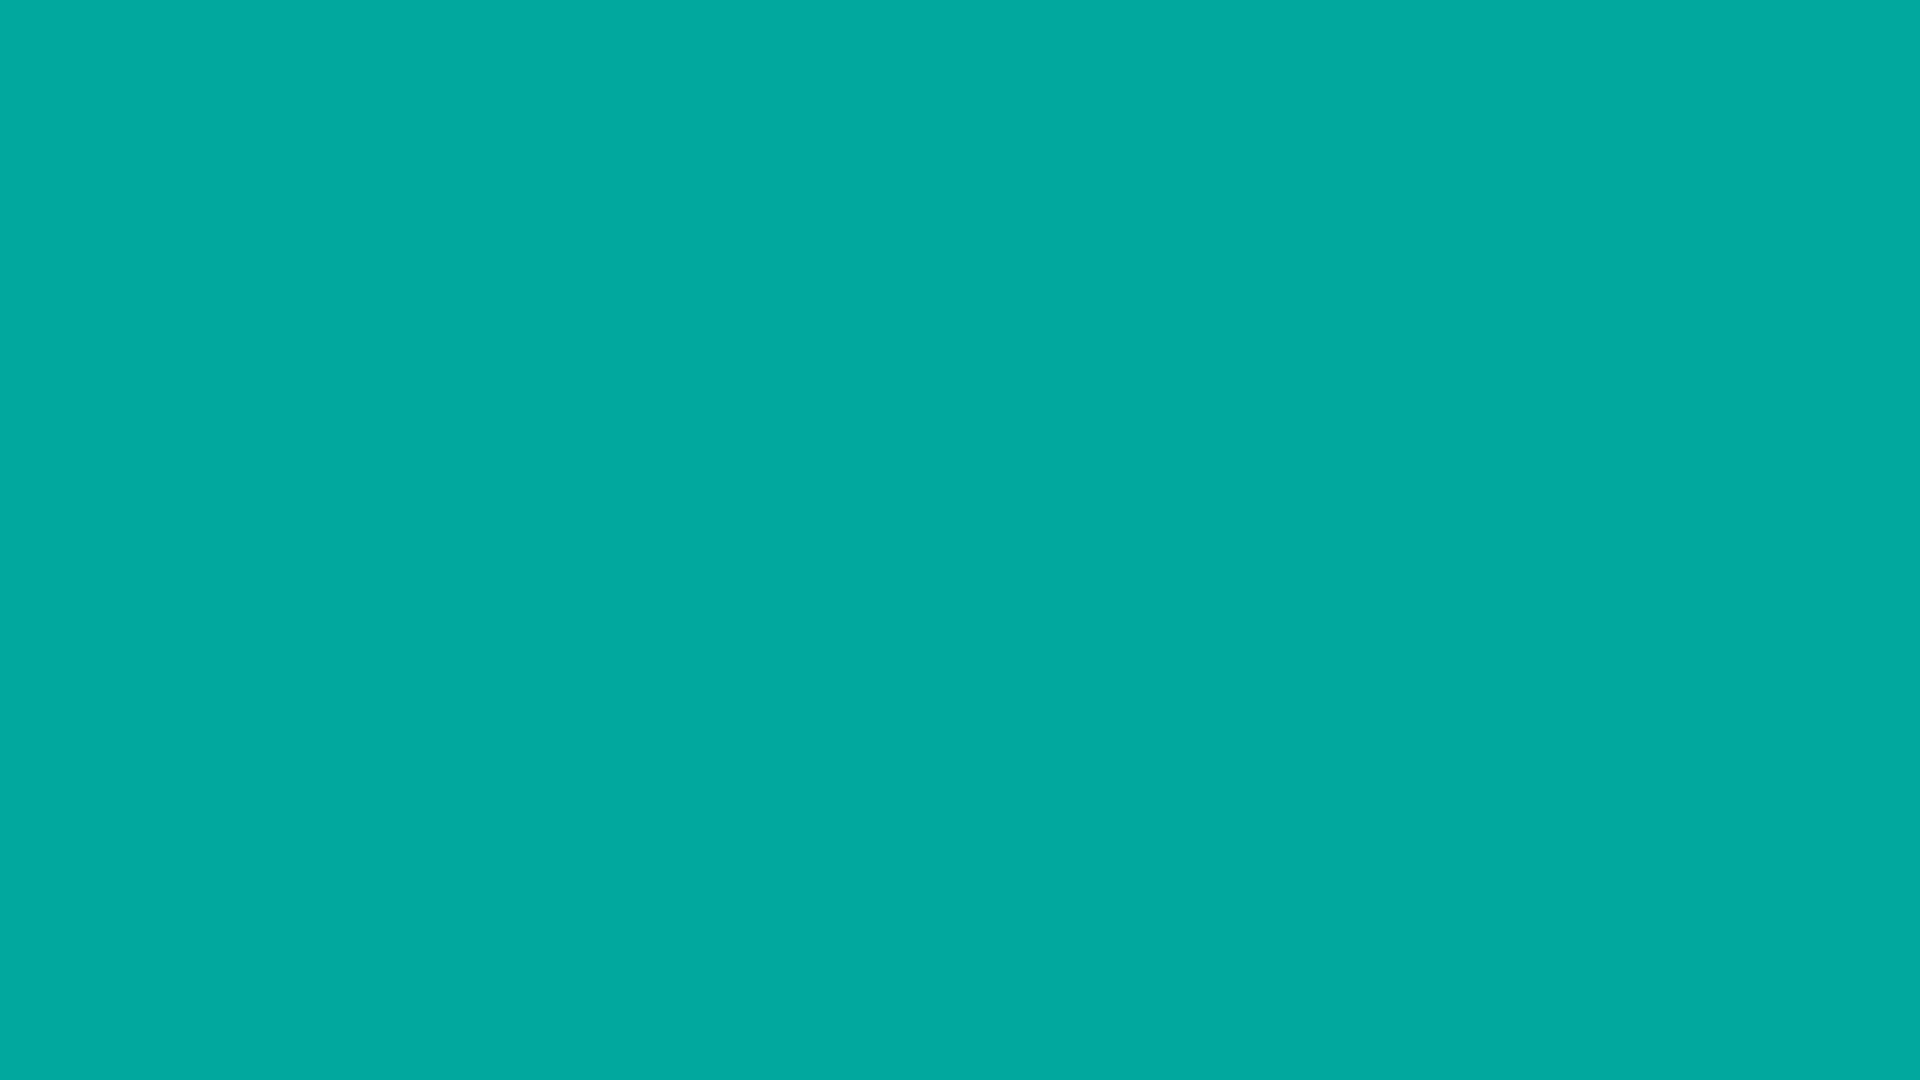 Kasuja Basis - Eenvoudige cut-out animatie in een bestaande visuele stijl van ons met de kleuren van uw bedrijf.